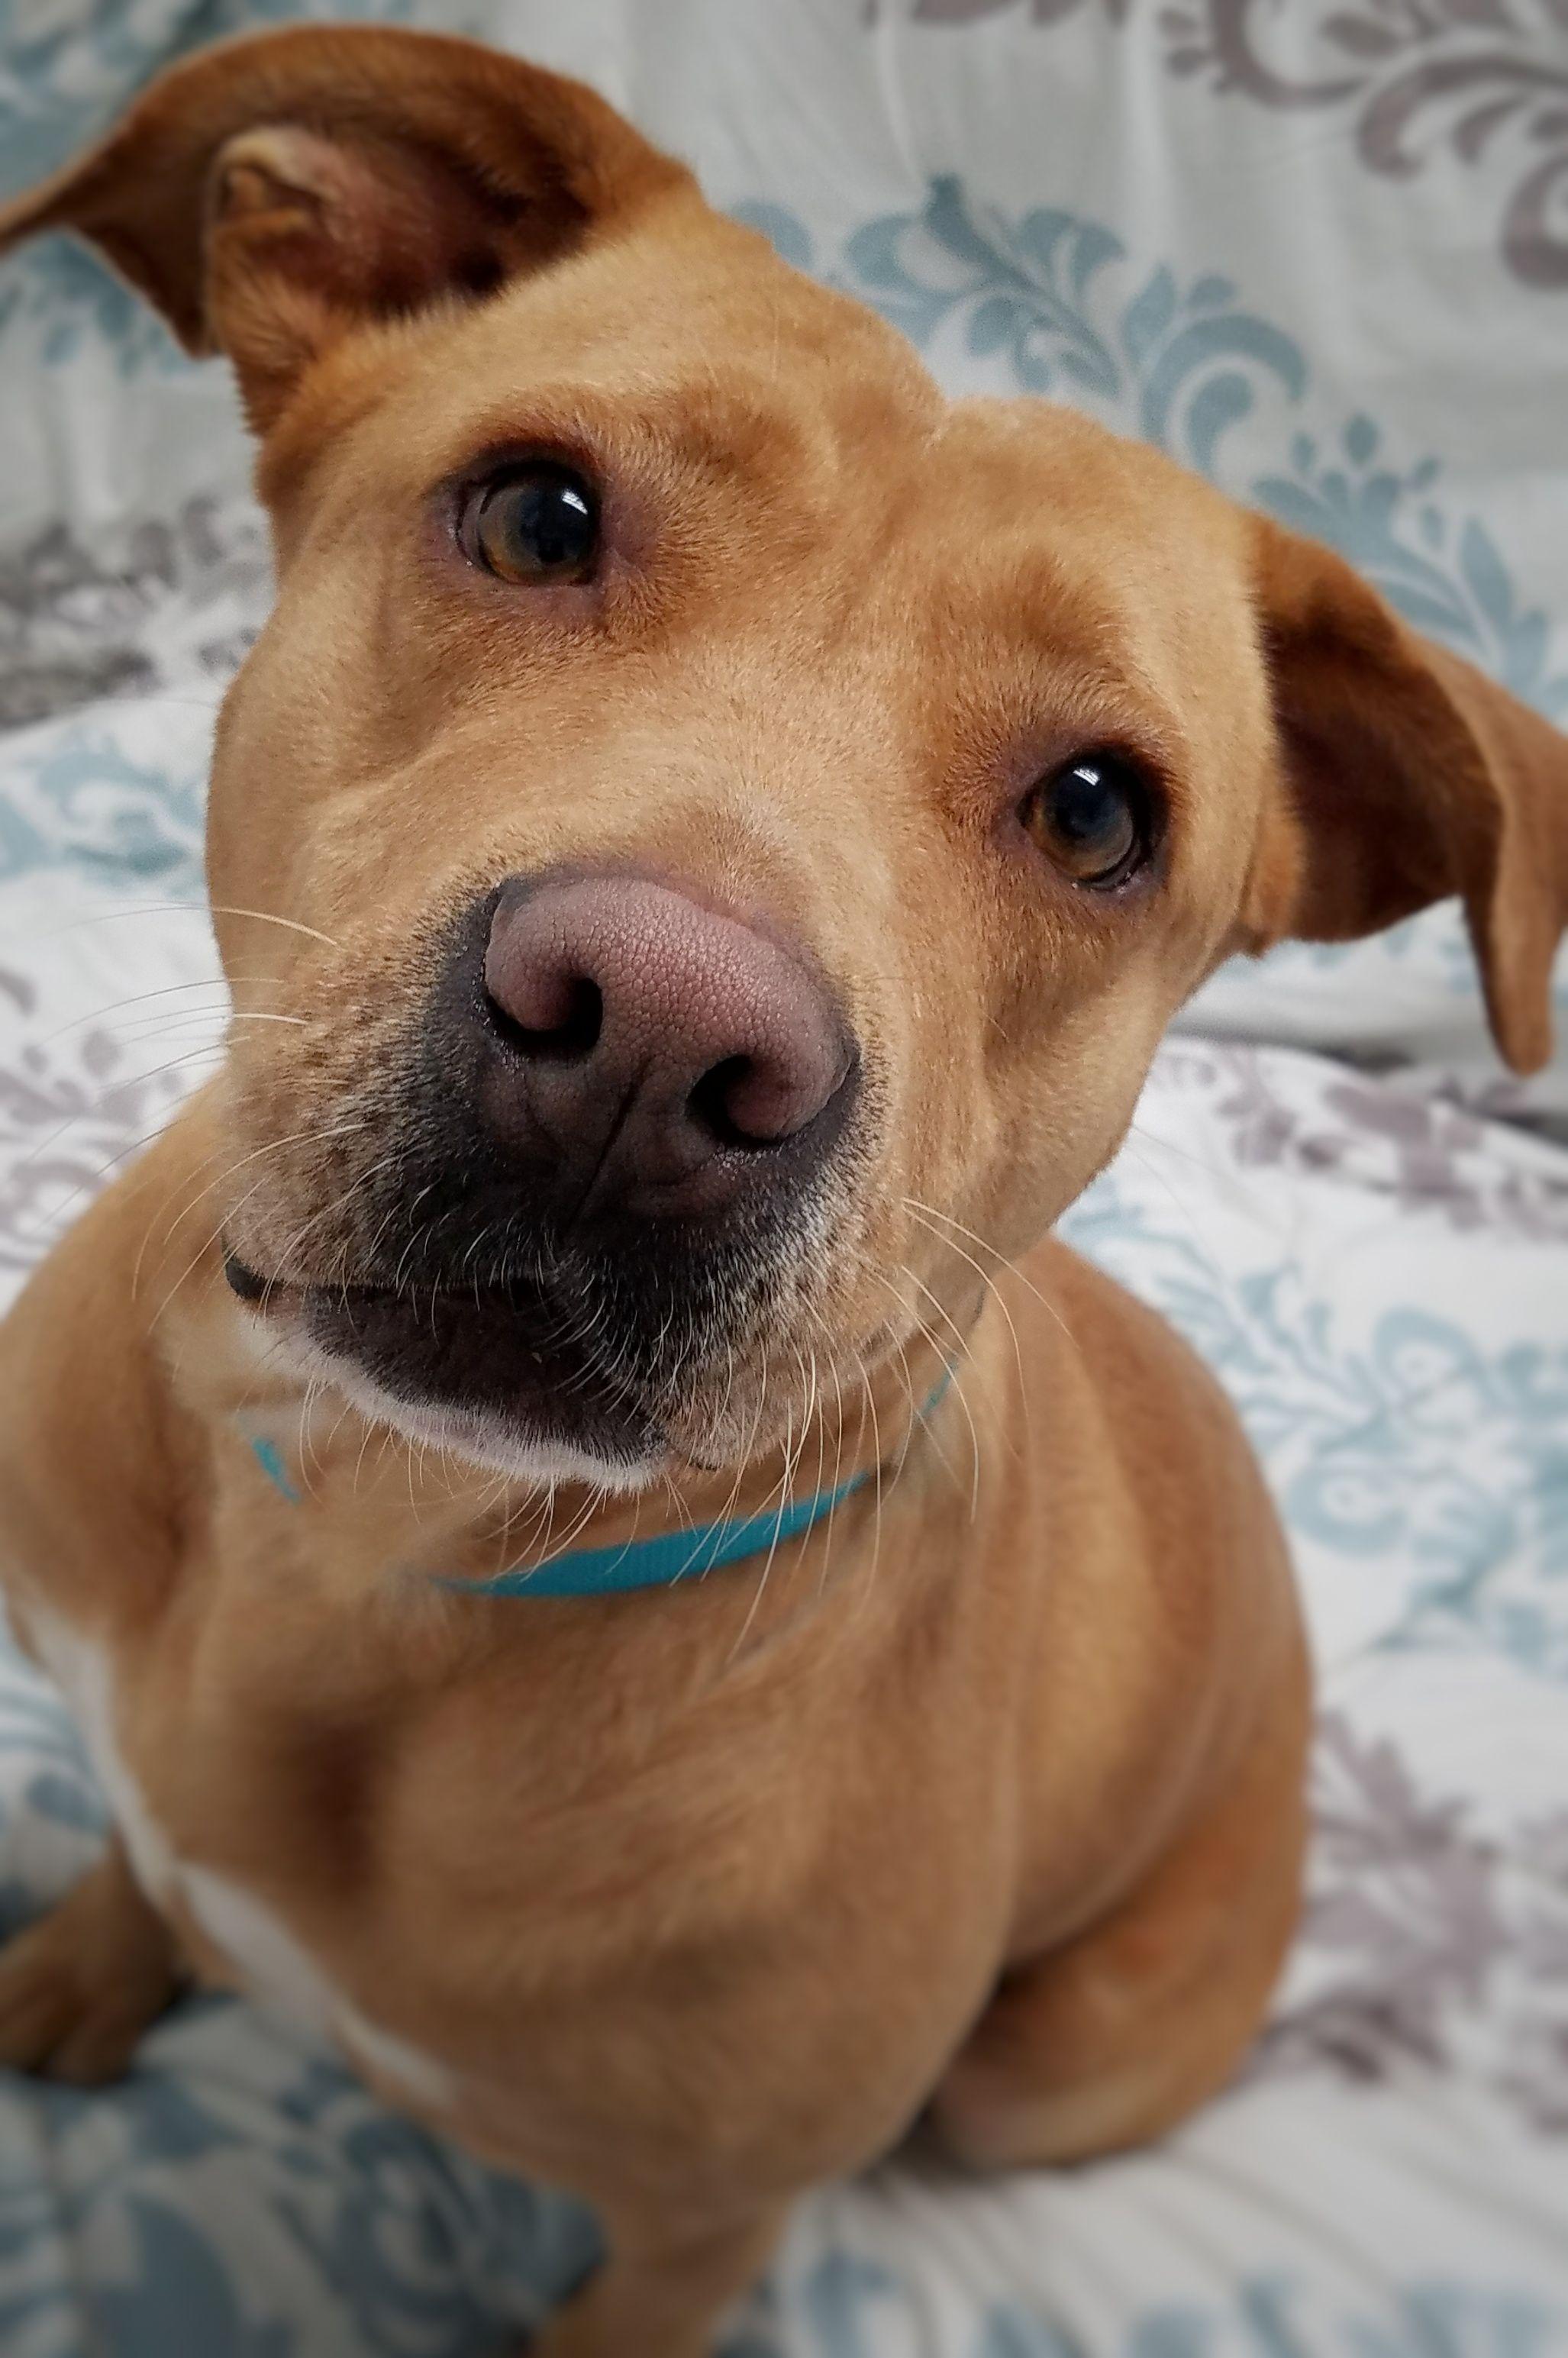 Labrador Retriever dog for Adoption in Hornell, NY. ADN